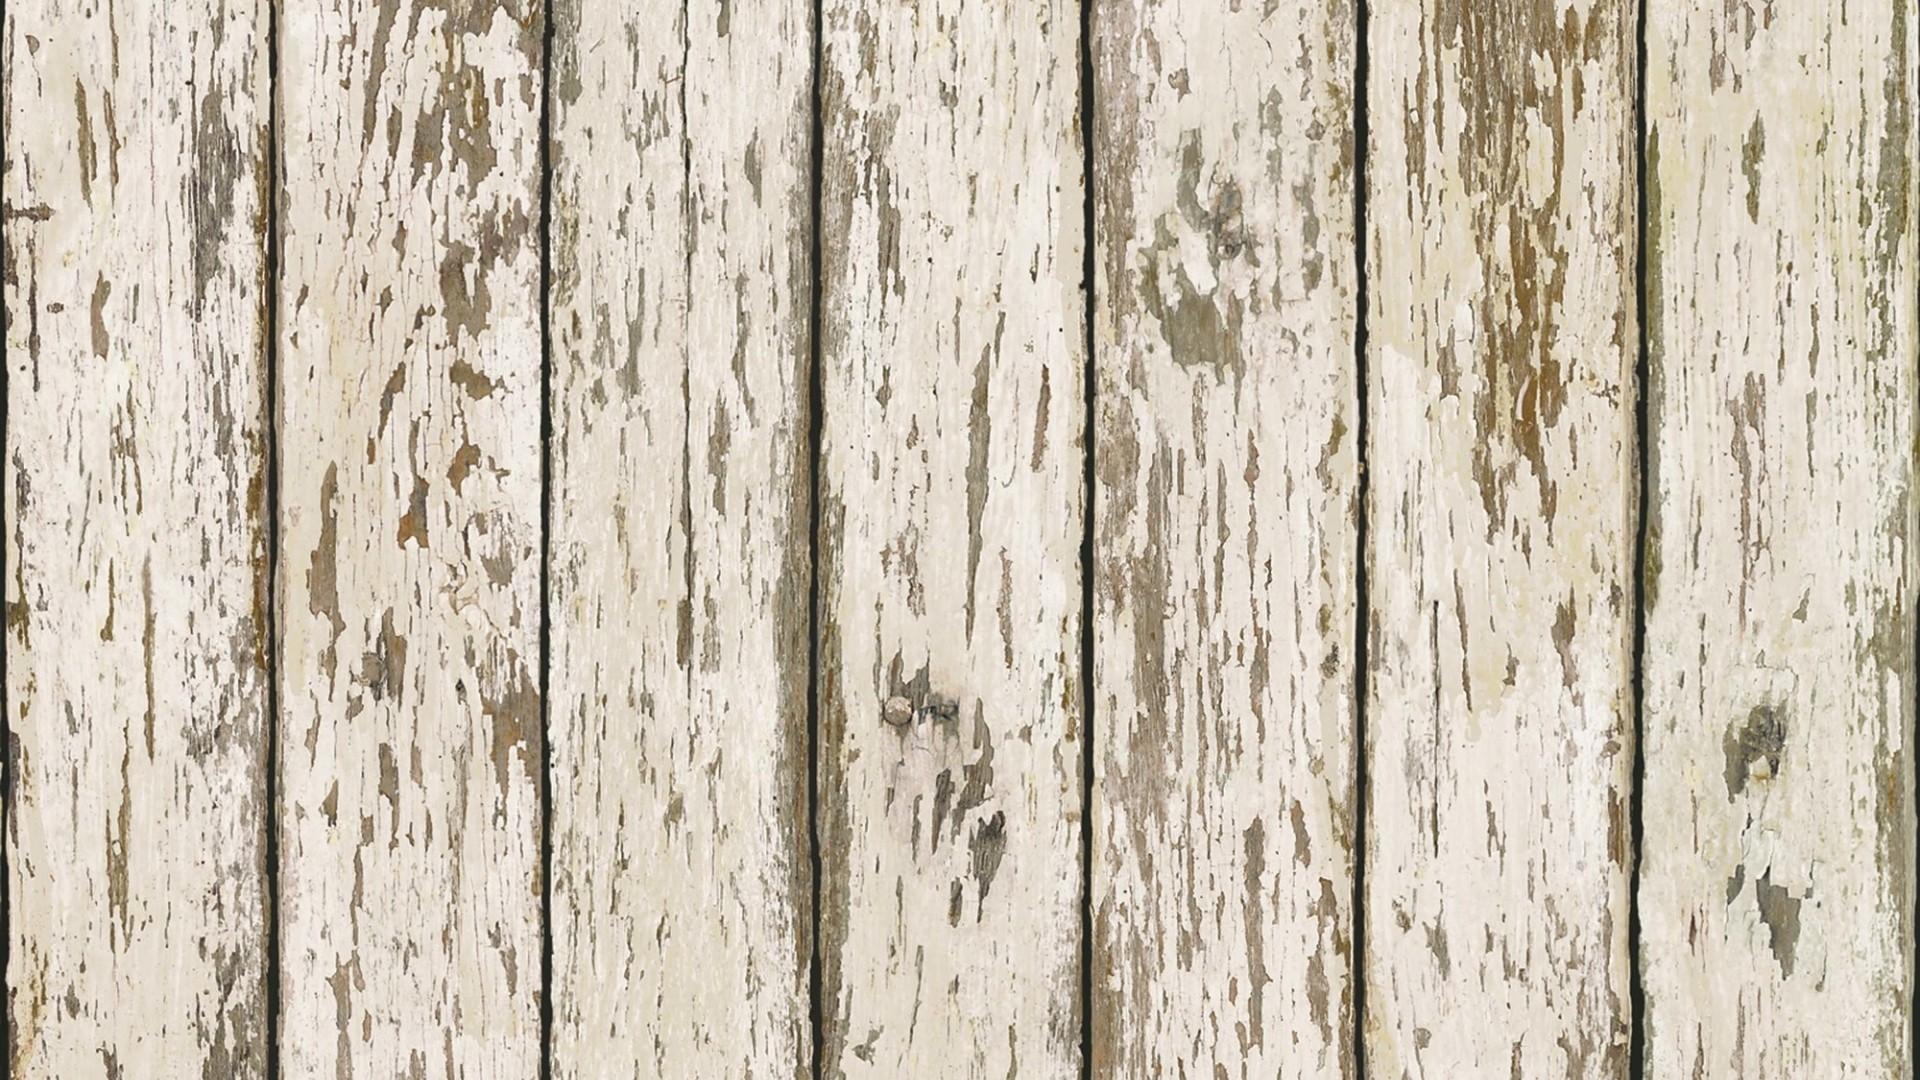 White Wood Image